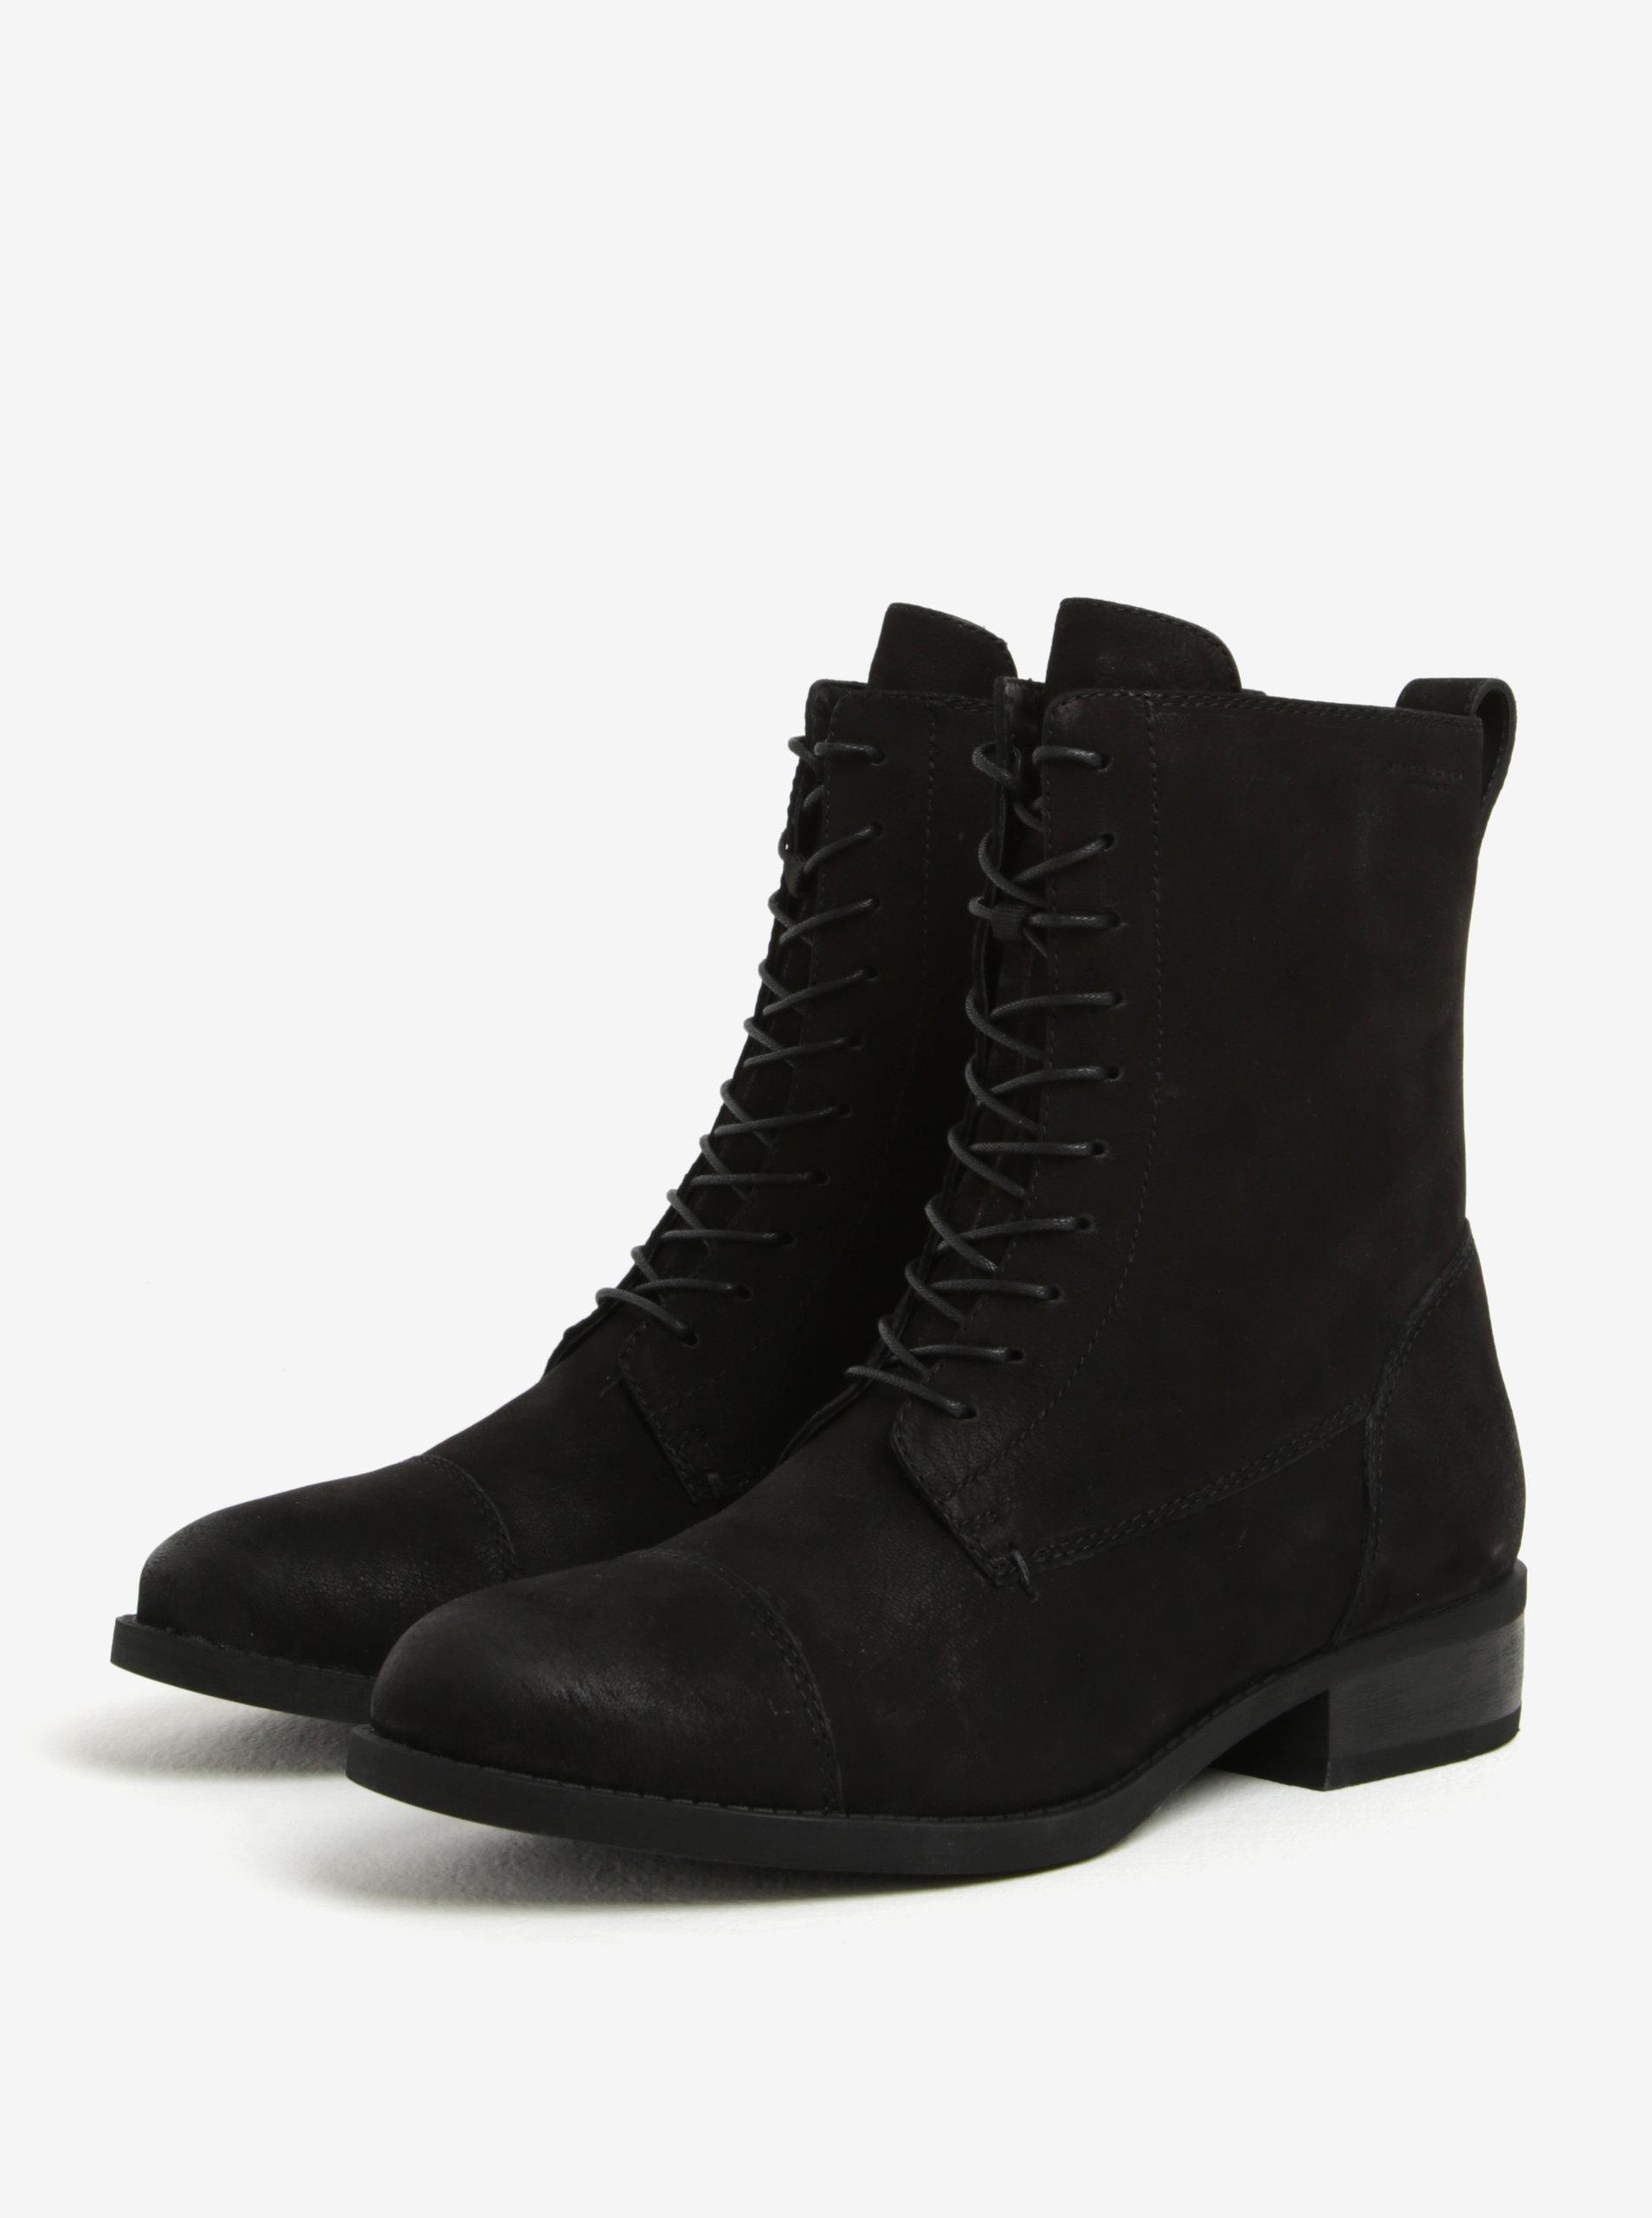 3472eeda61bc Čierne dámske kožené členkové topánky Vagabond Cary ...